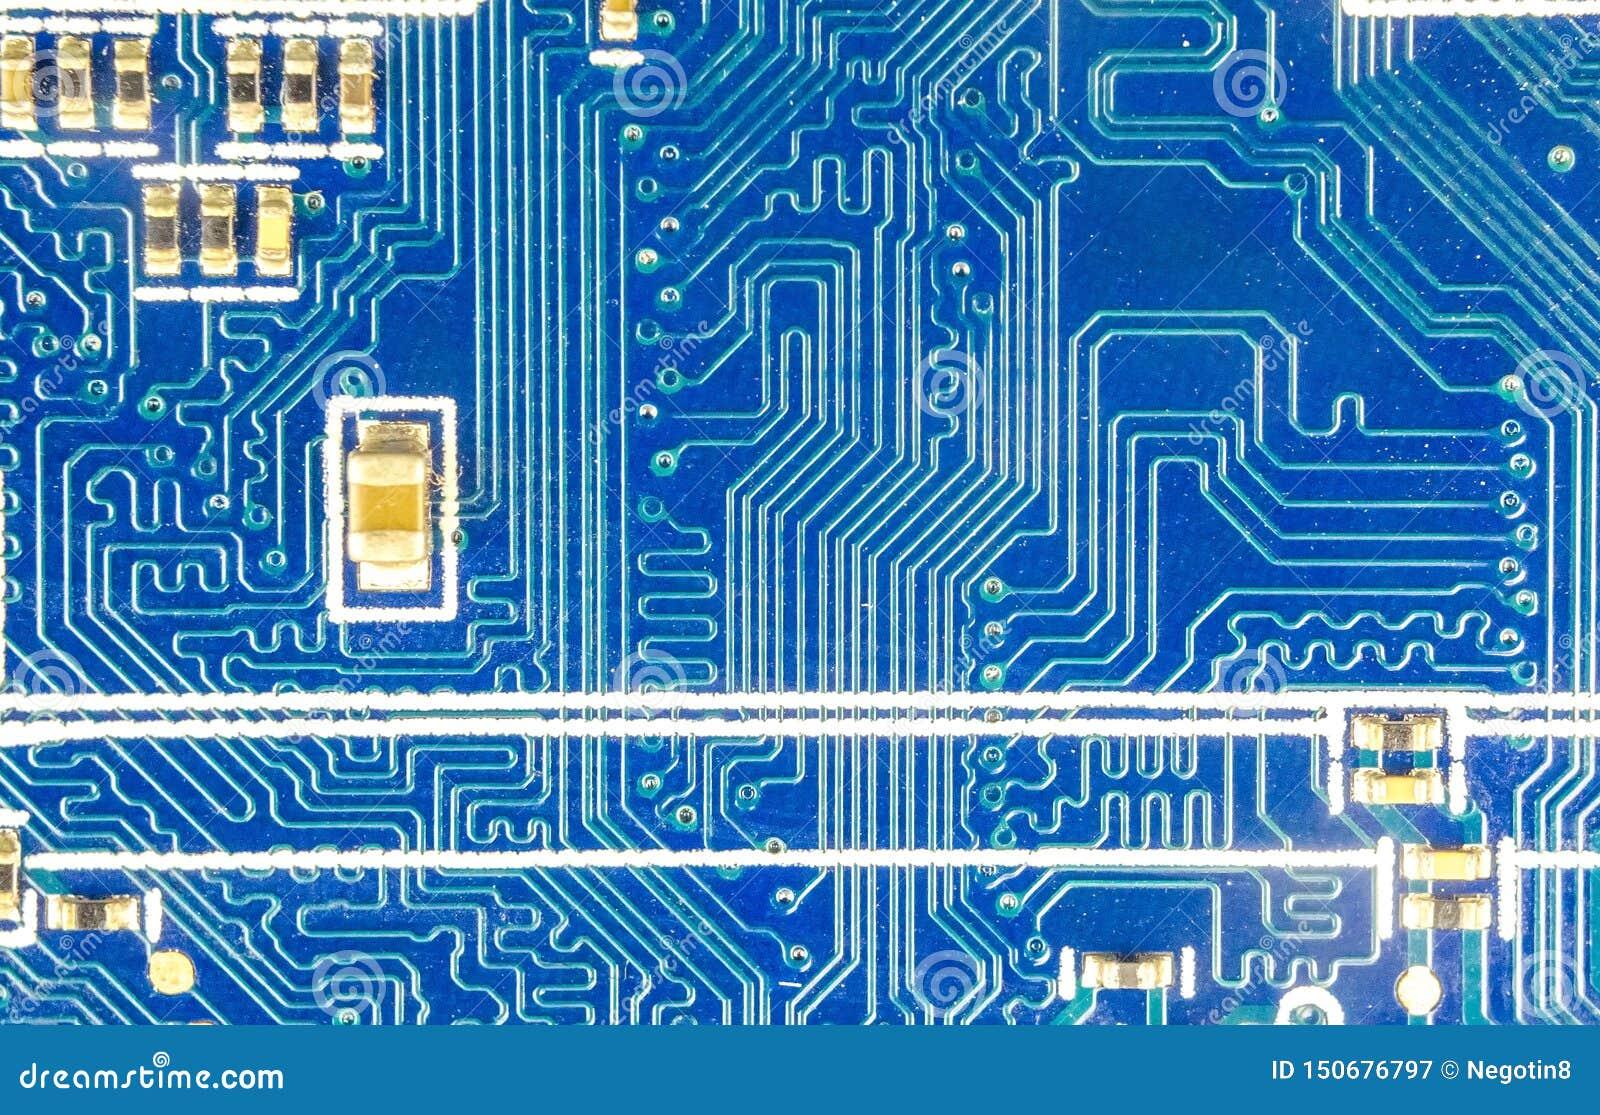 De raad van de kring De technologie van de elektronische computerhardware, macro gedrukte kringsraad